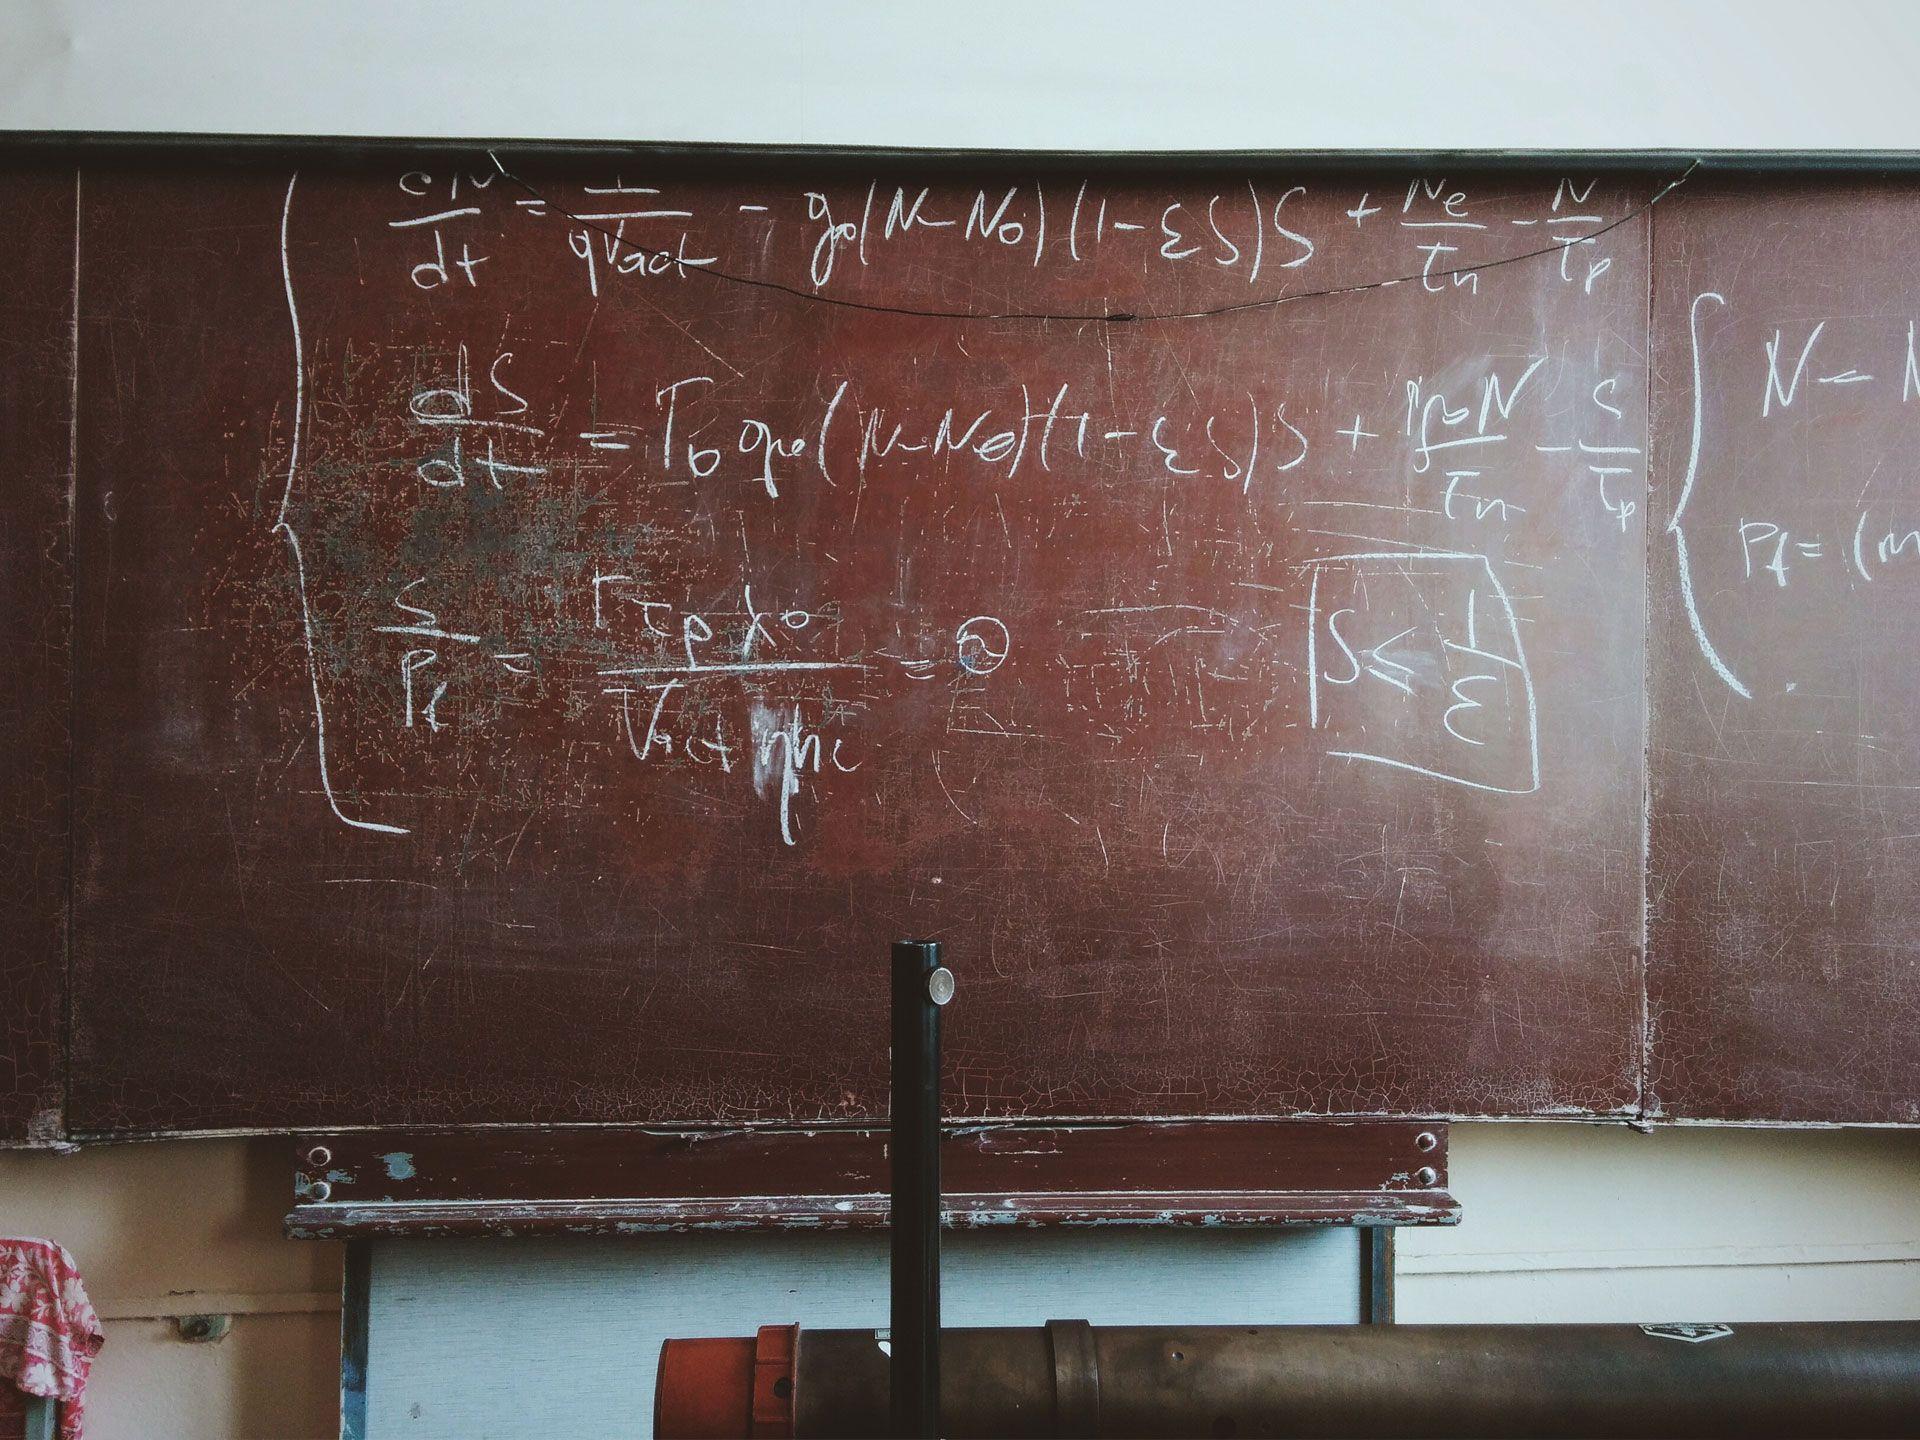 Fórmula del Nivel de Calidad (QS) ampliada